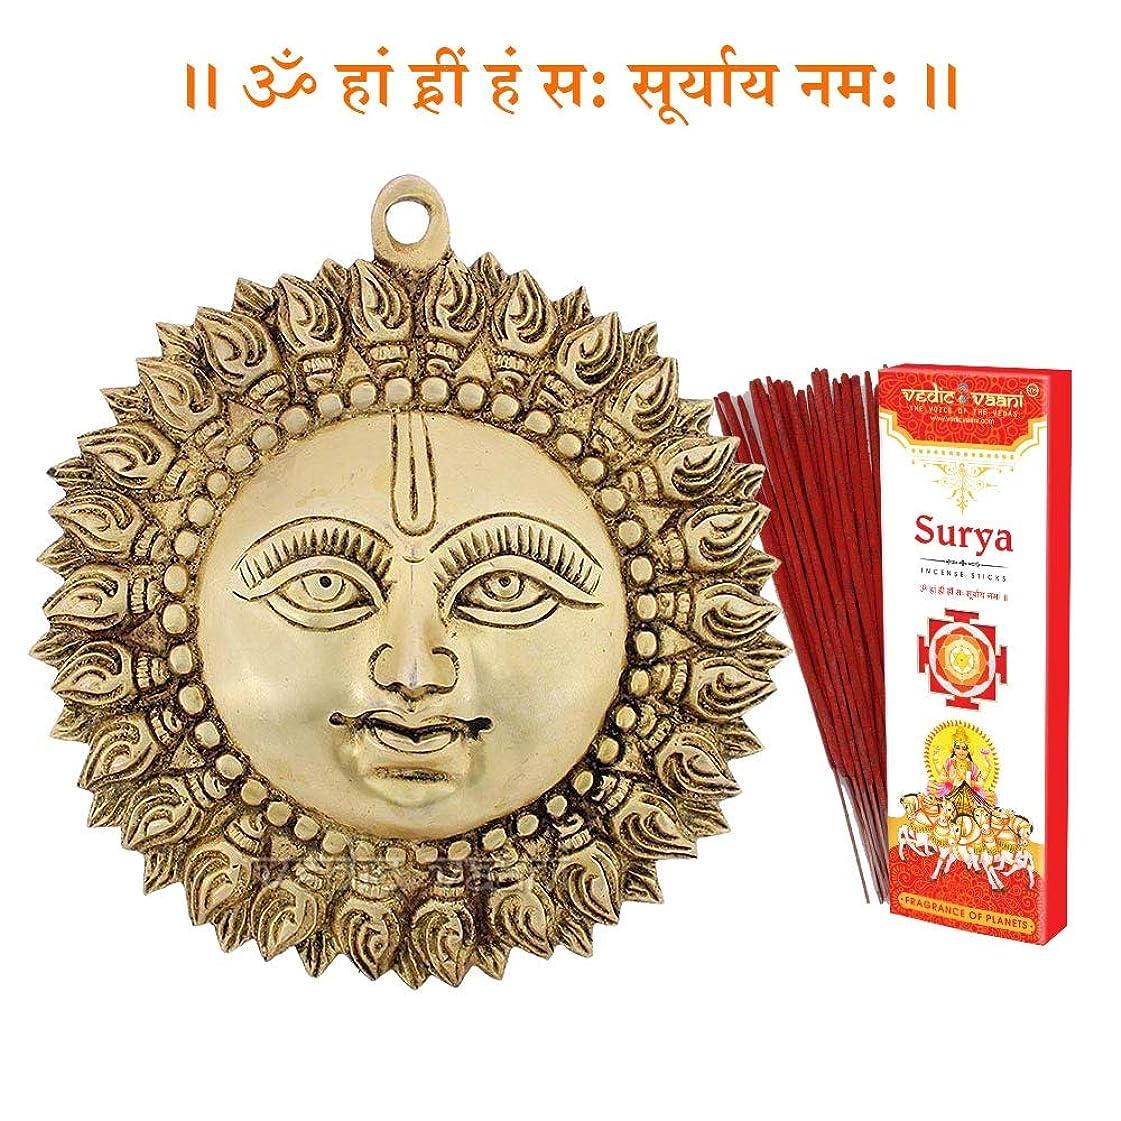 クラフトスマッシュ地元Vedic Vaani Lord Surya Dev (Sun) 壁掛け Surya お香スティック付き